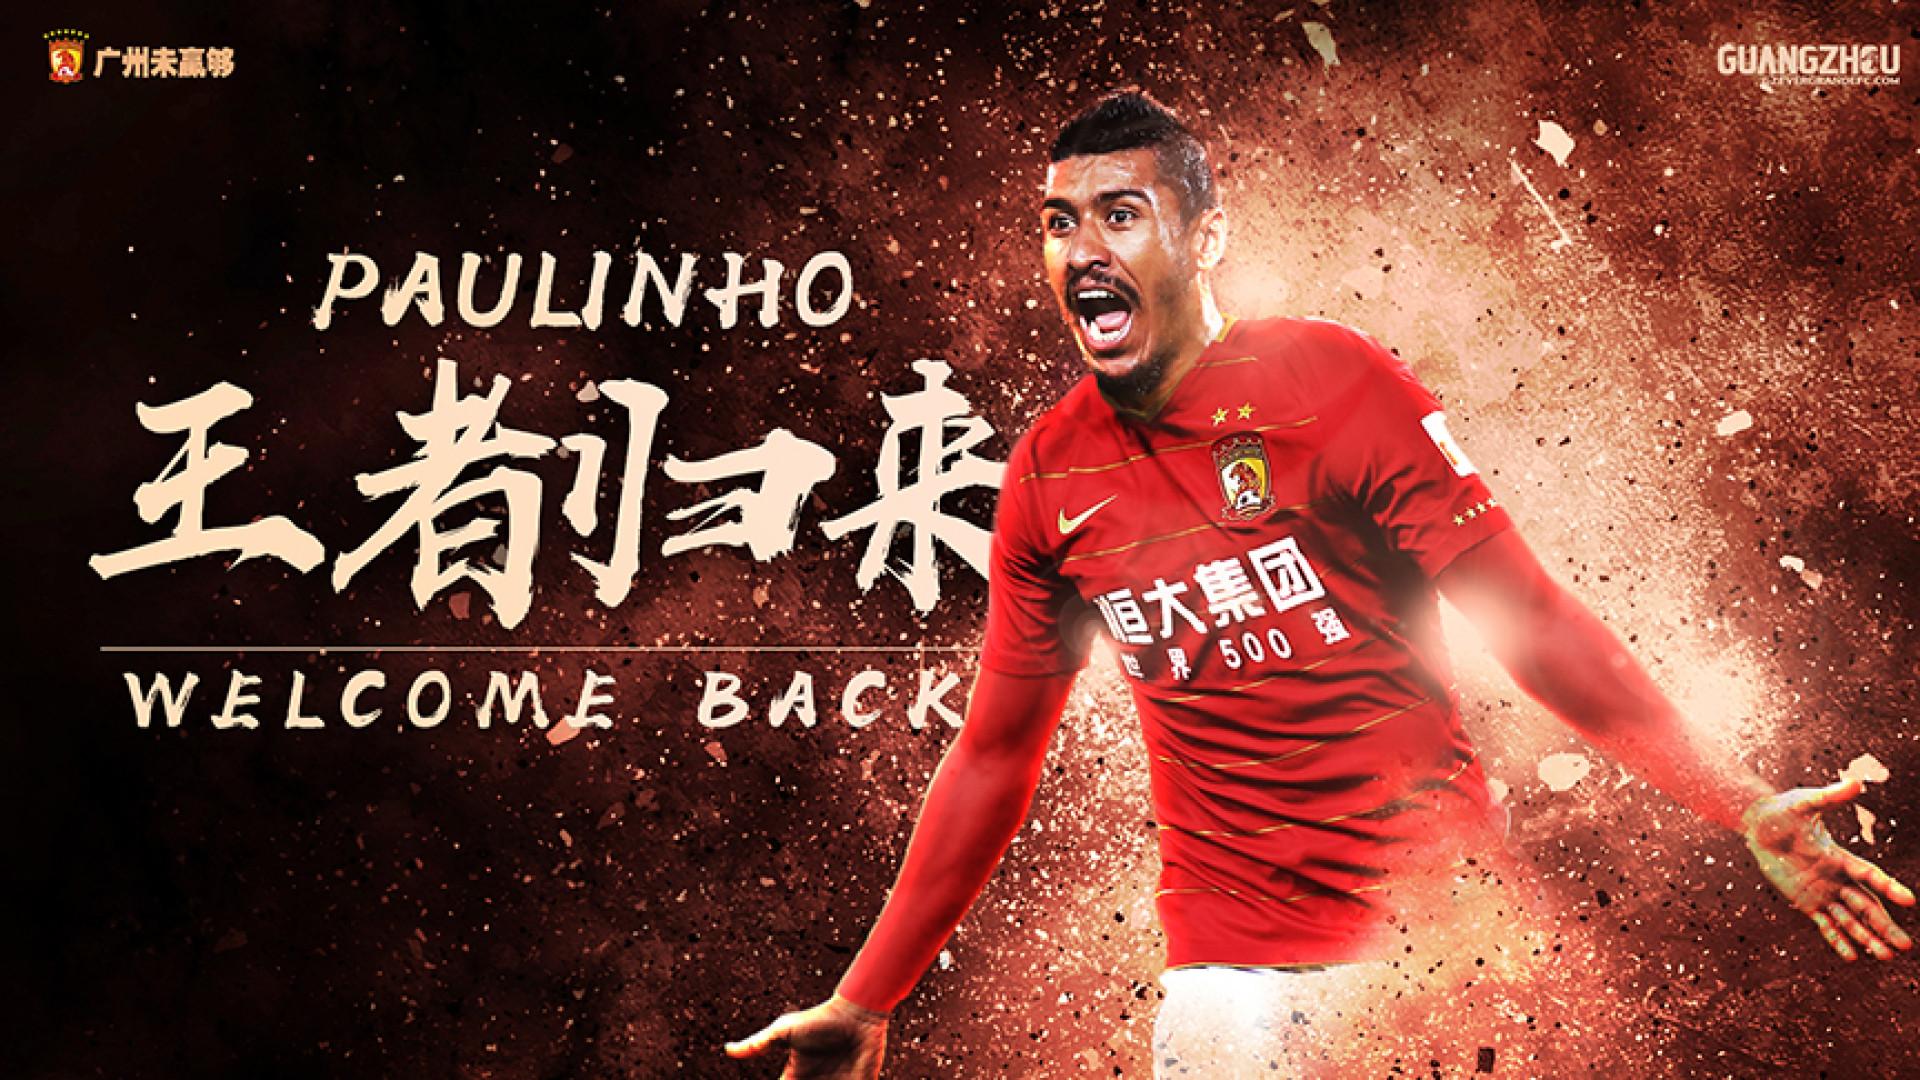 Oficial: Paulinho está de regresso ao Guangzhou Evergrande